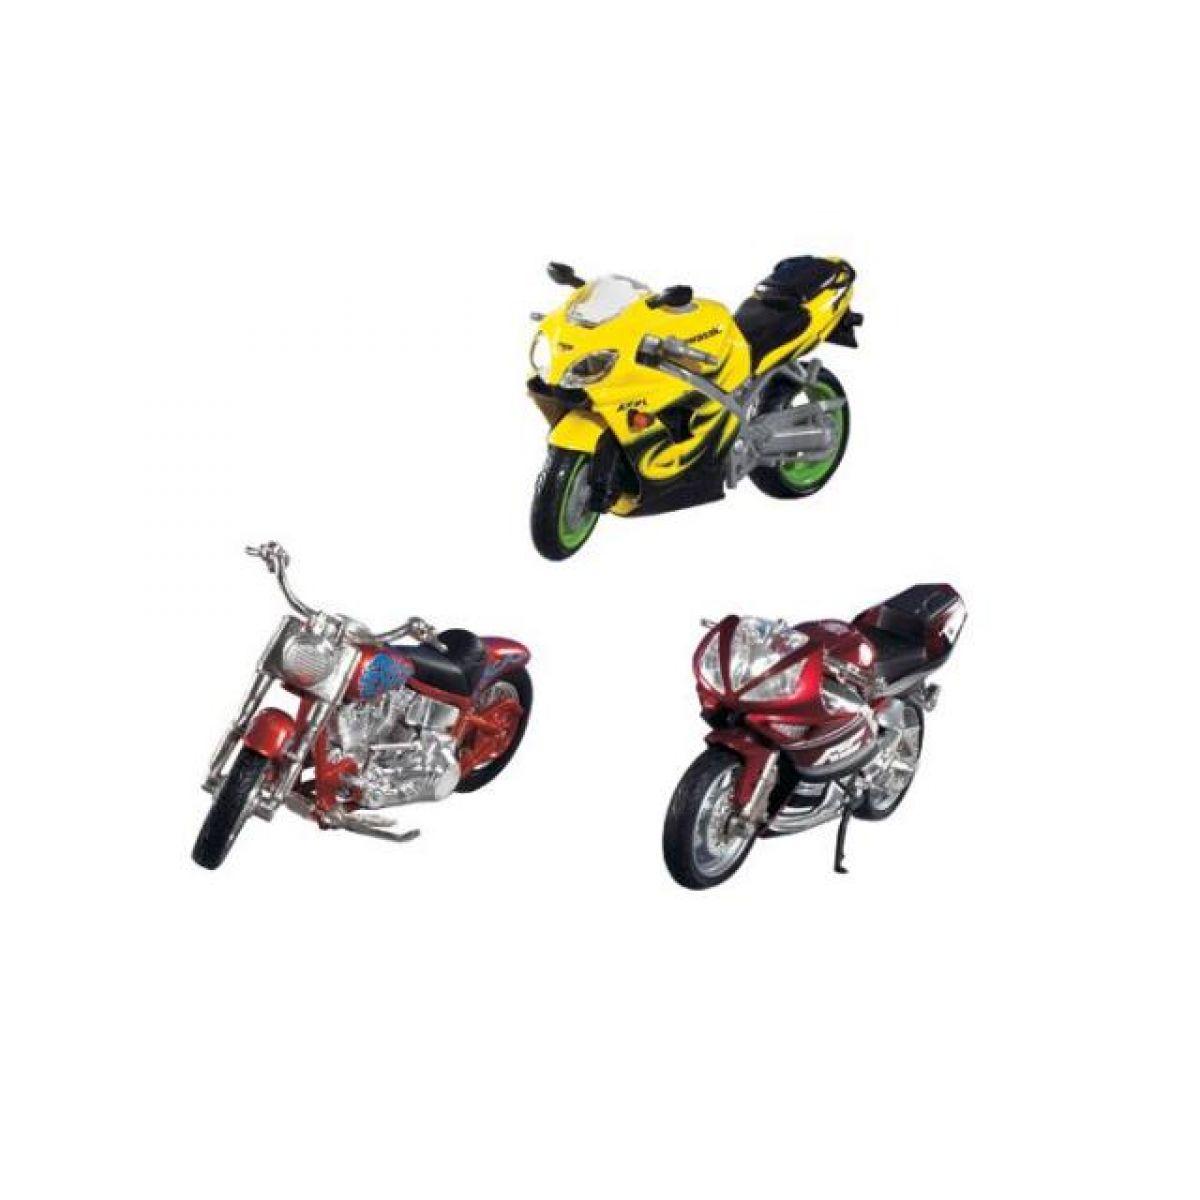 Hot Wheels Motorka 1:18 Mattel 47118